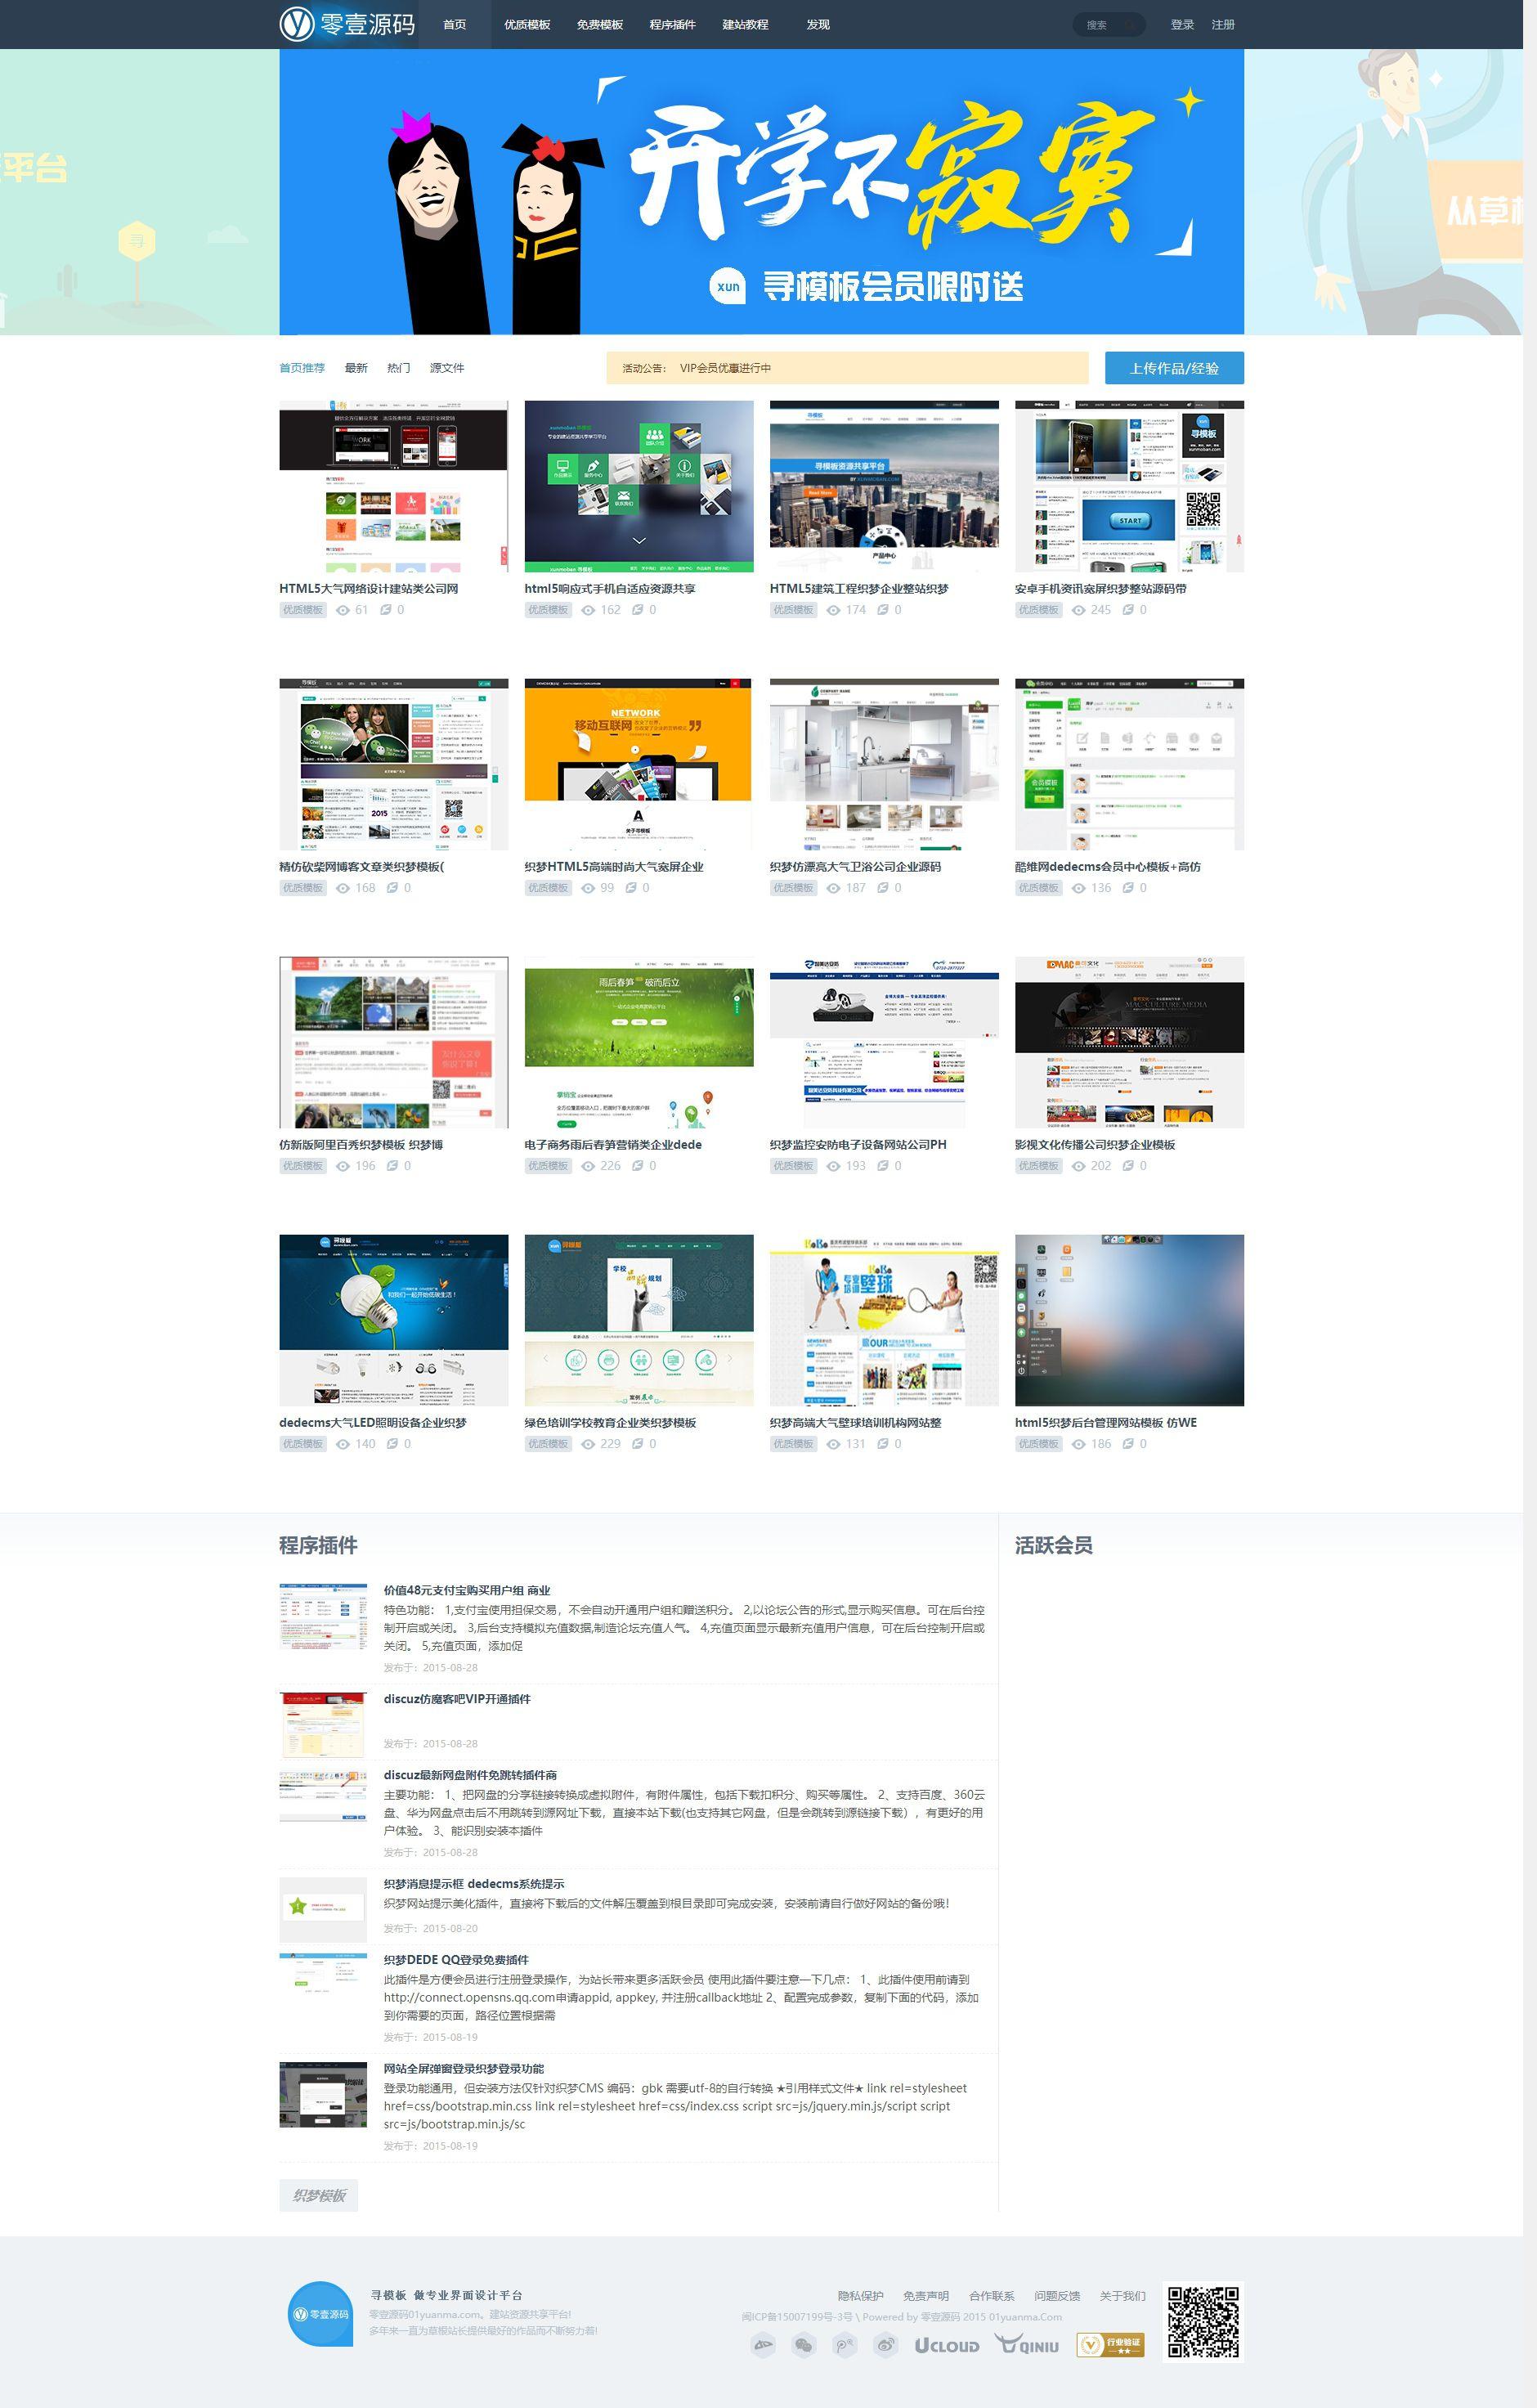 仿寻模板网页模板下载素材销售下载站平台织梦dedecms模板